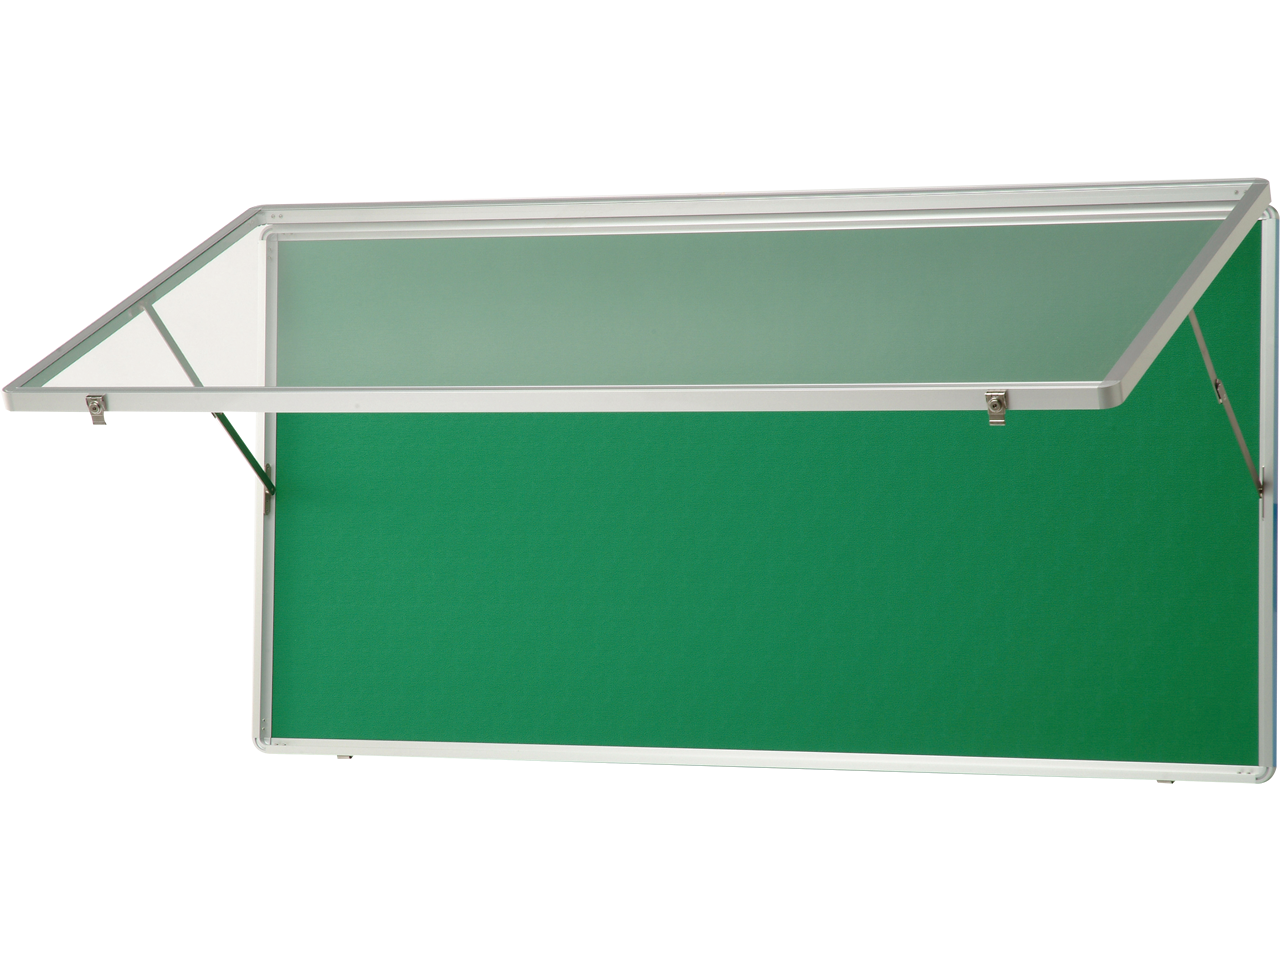 アルミ製ハネ上げ式ポスターケース(屋内用)